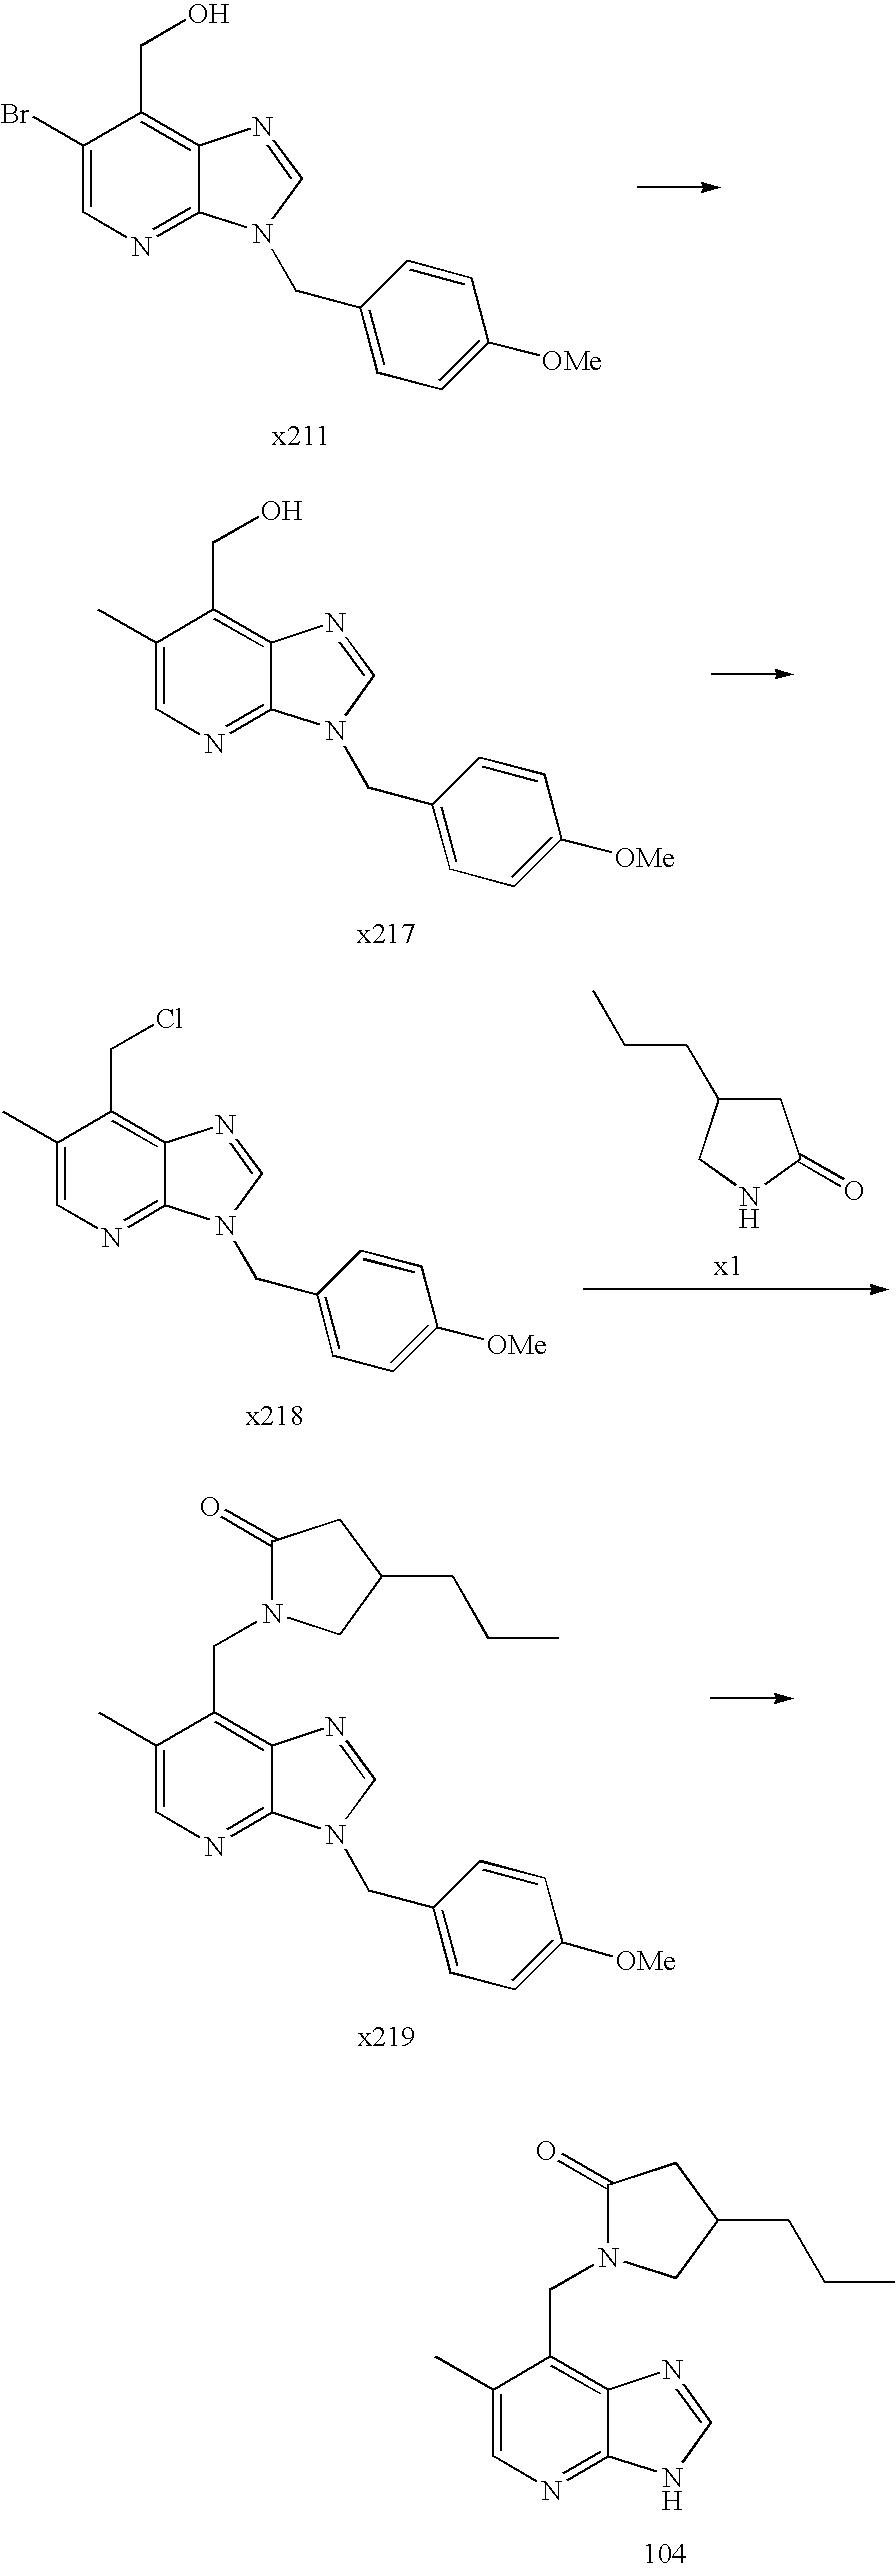 Figure US20090156607A1-20090618-C00102